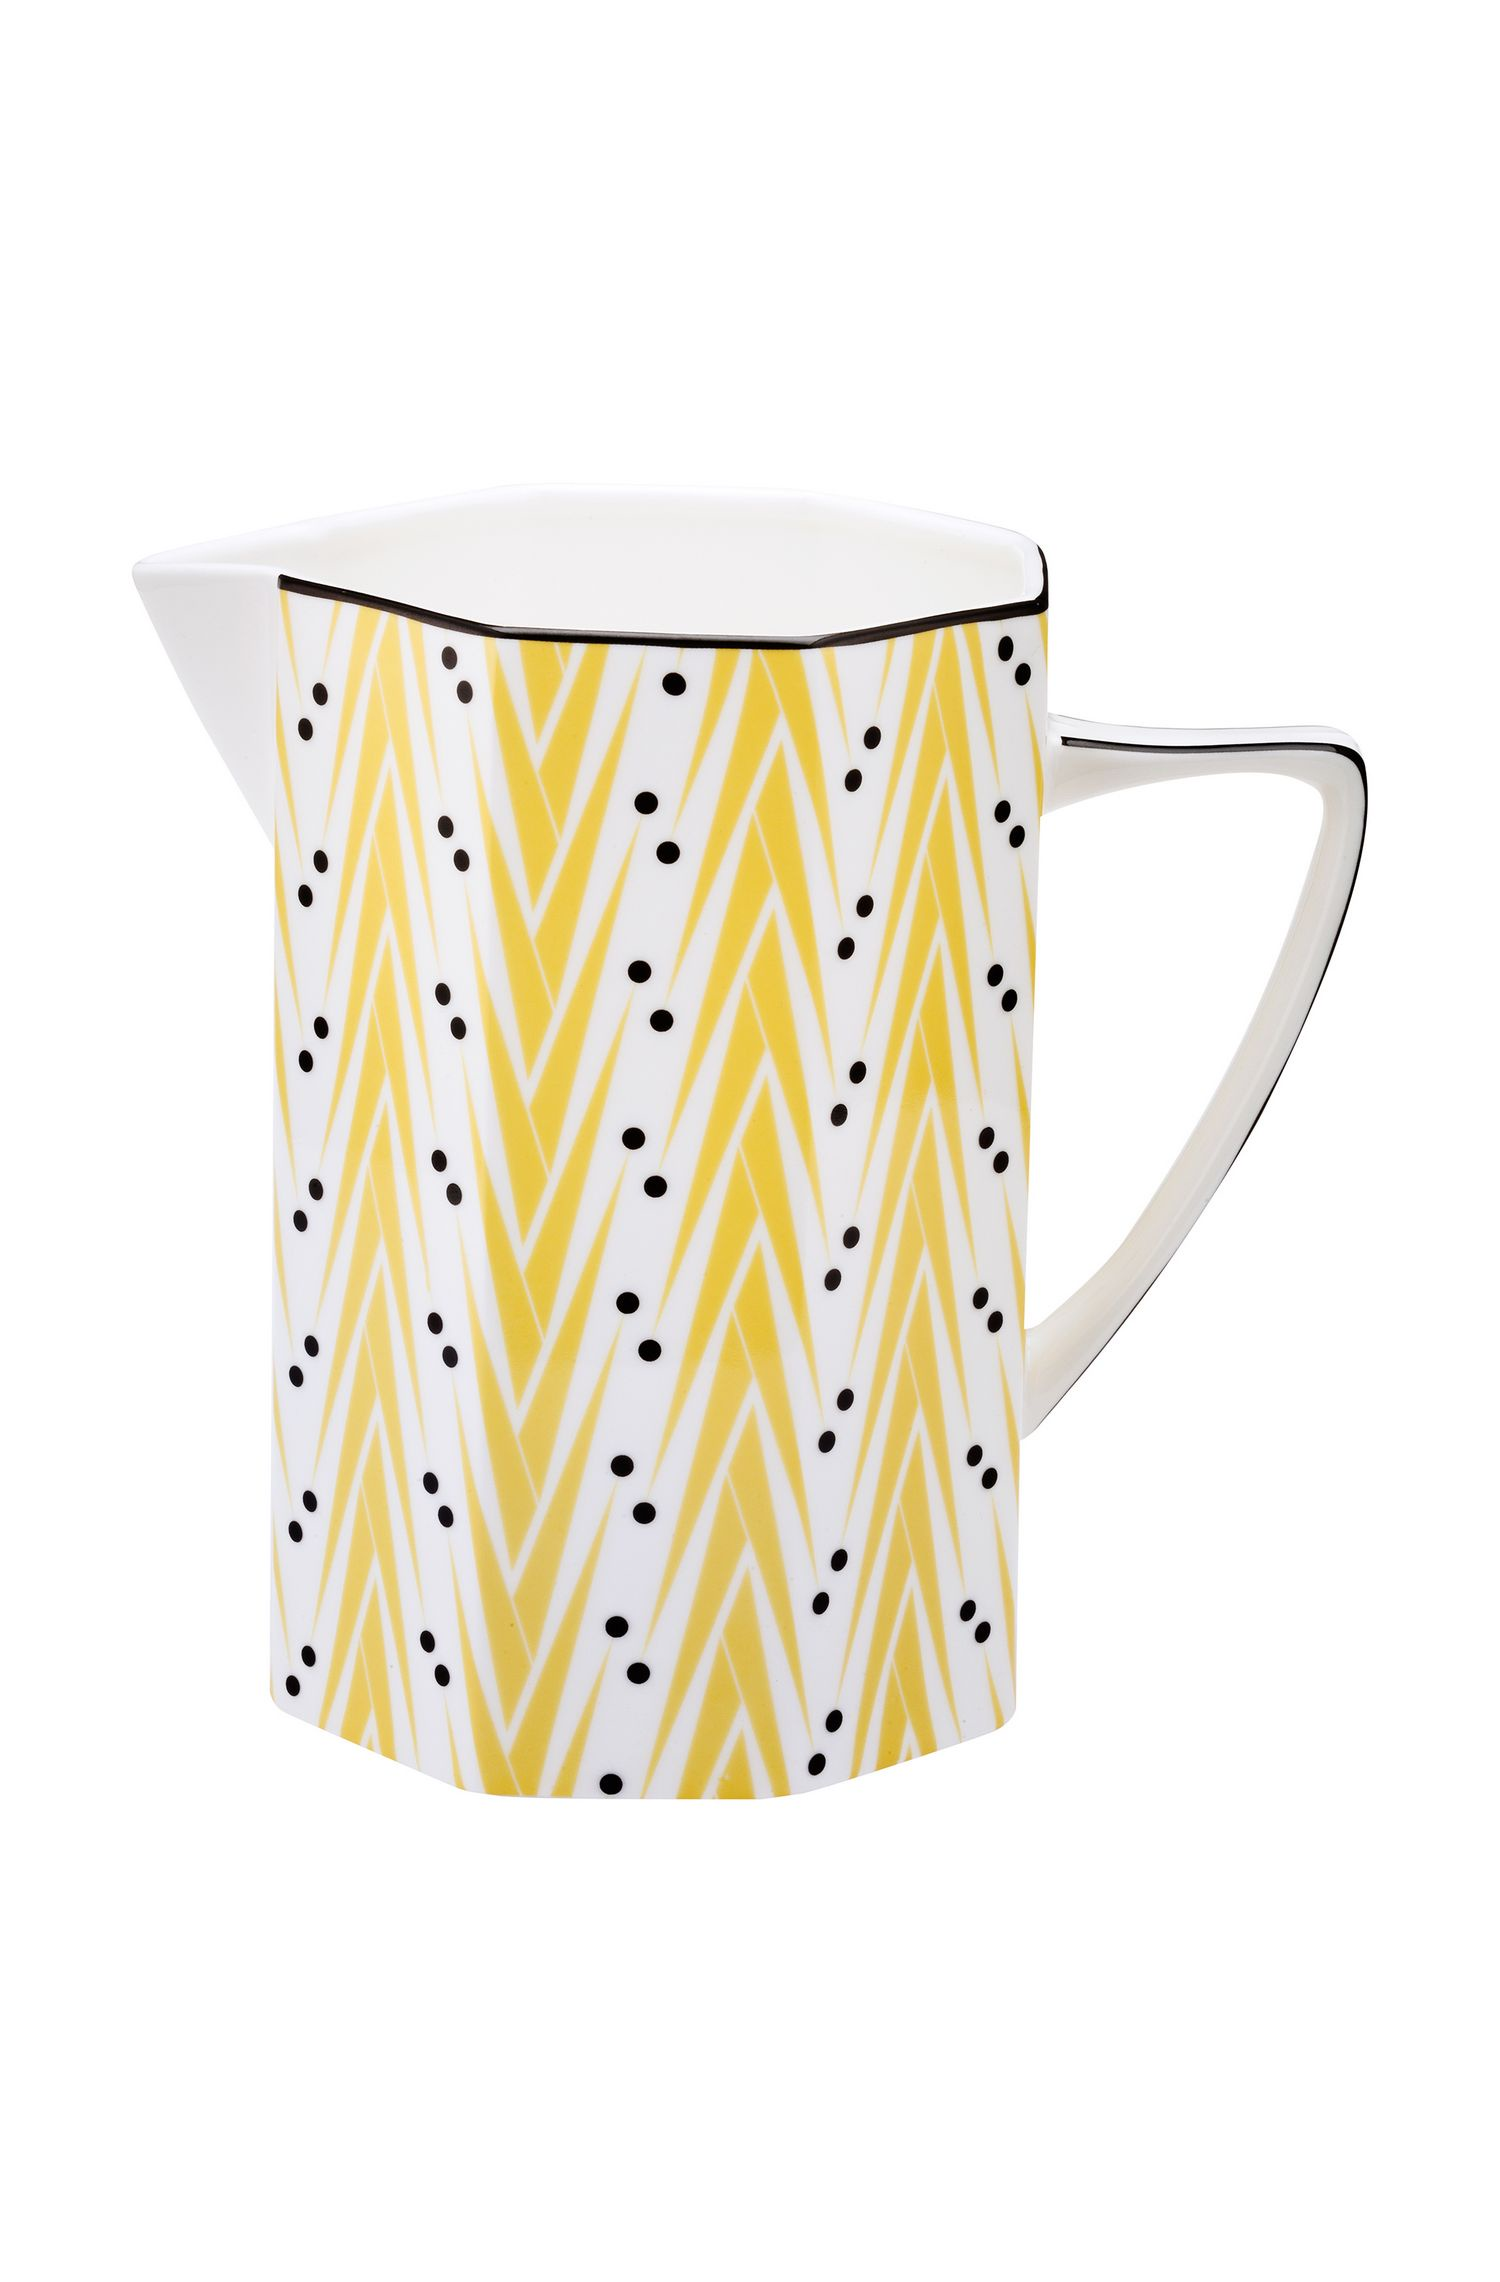 Набор кувшинов Designed For Living Lemon Grass, 2 предмета, цвет: желтый, 1,2 л. 53.007.002